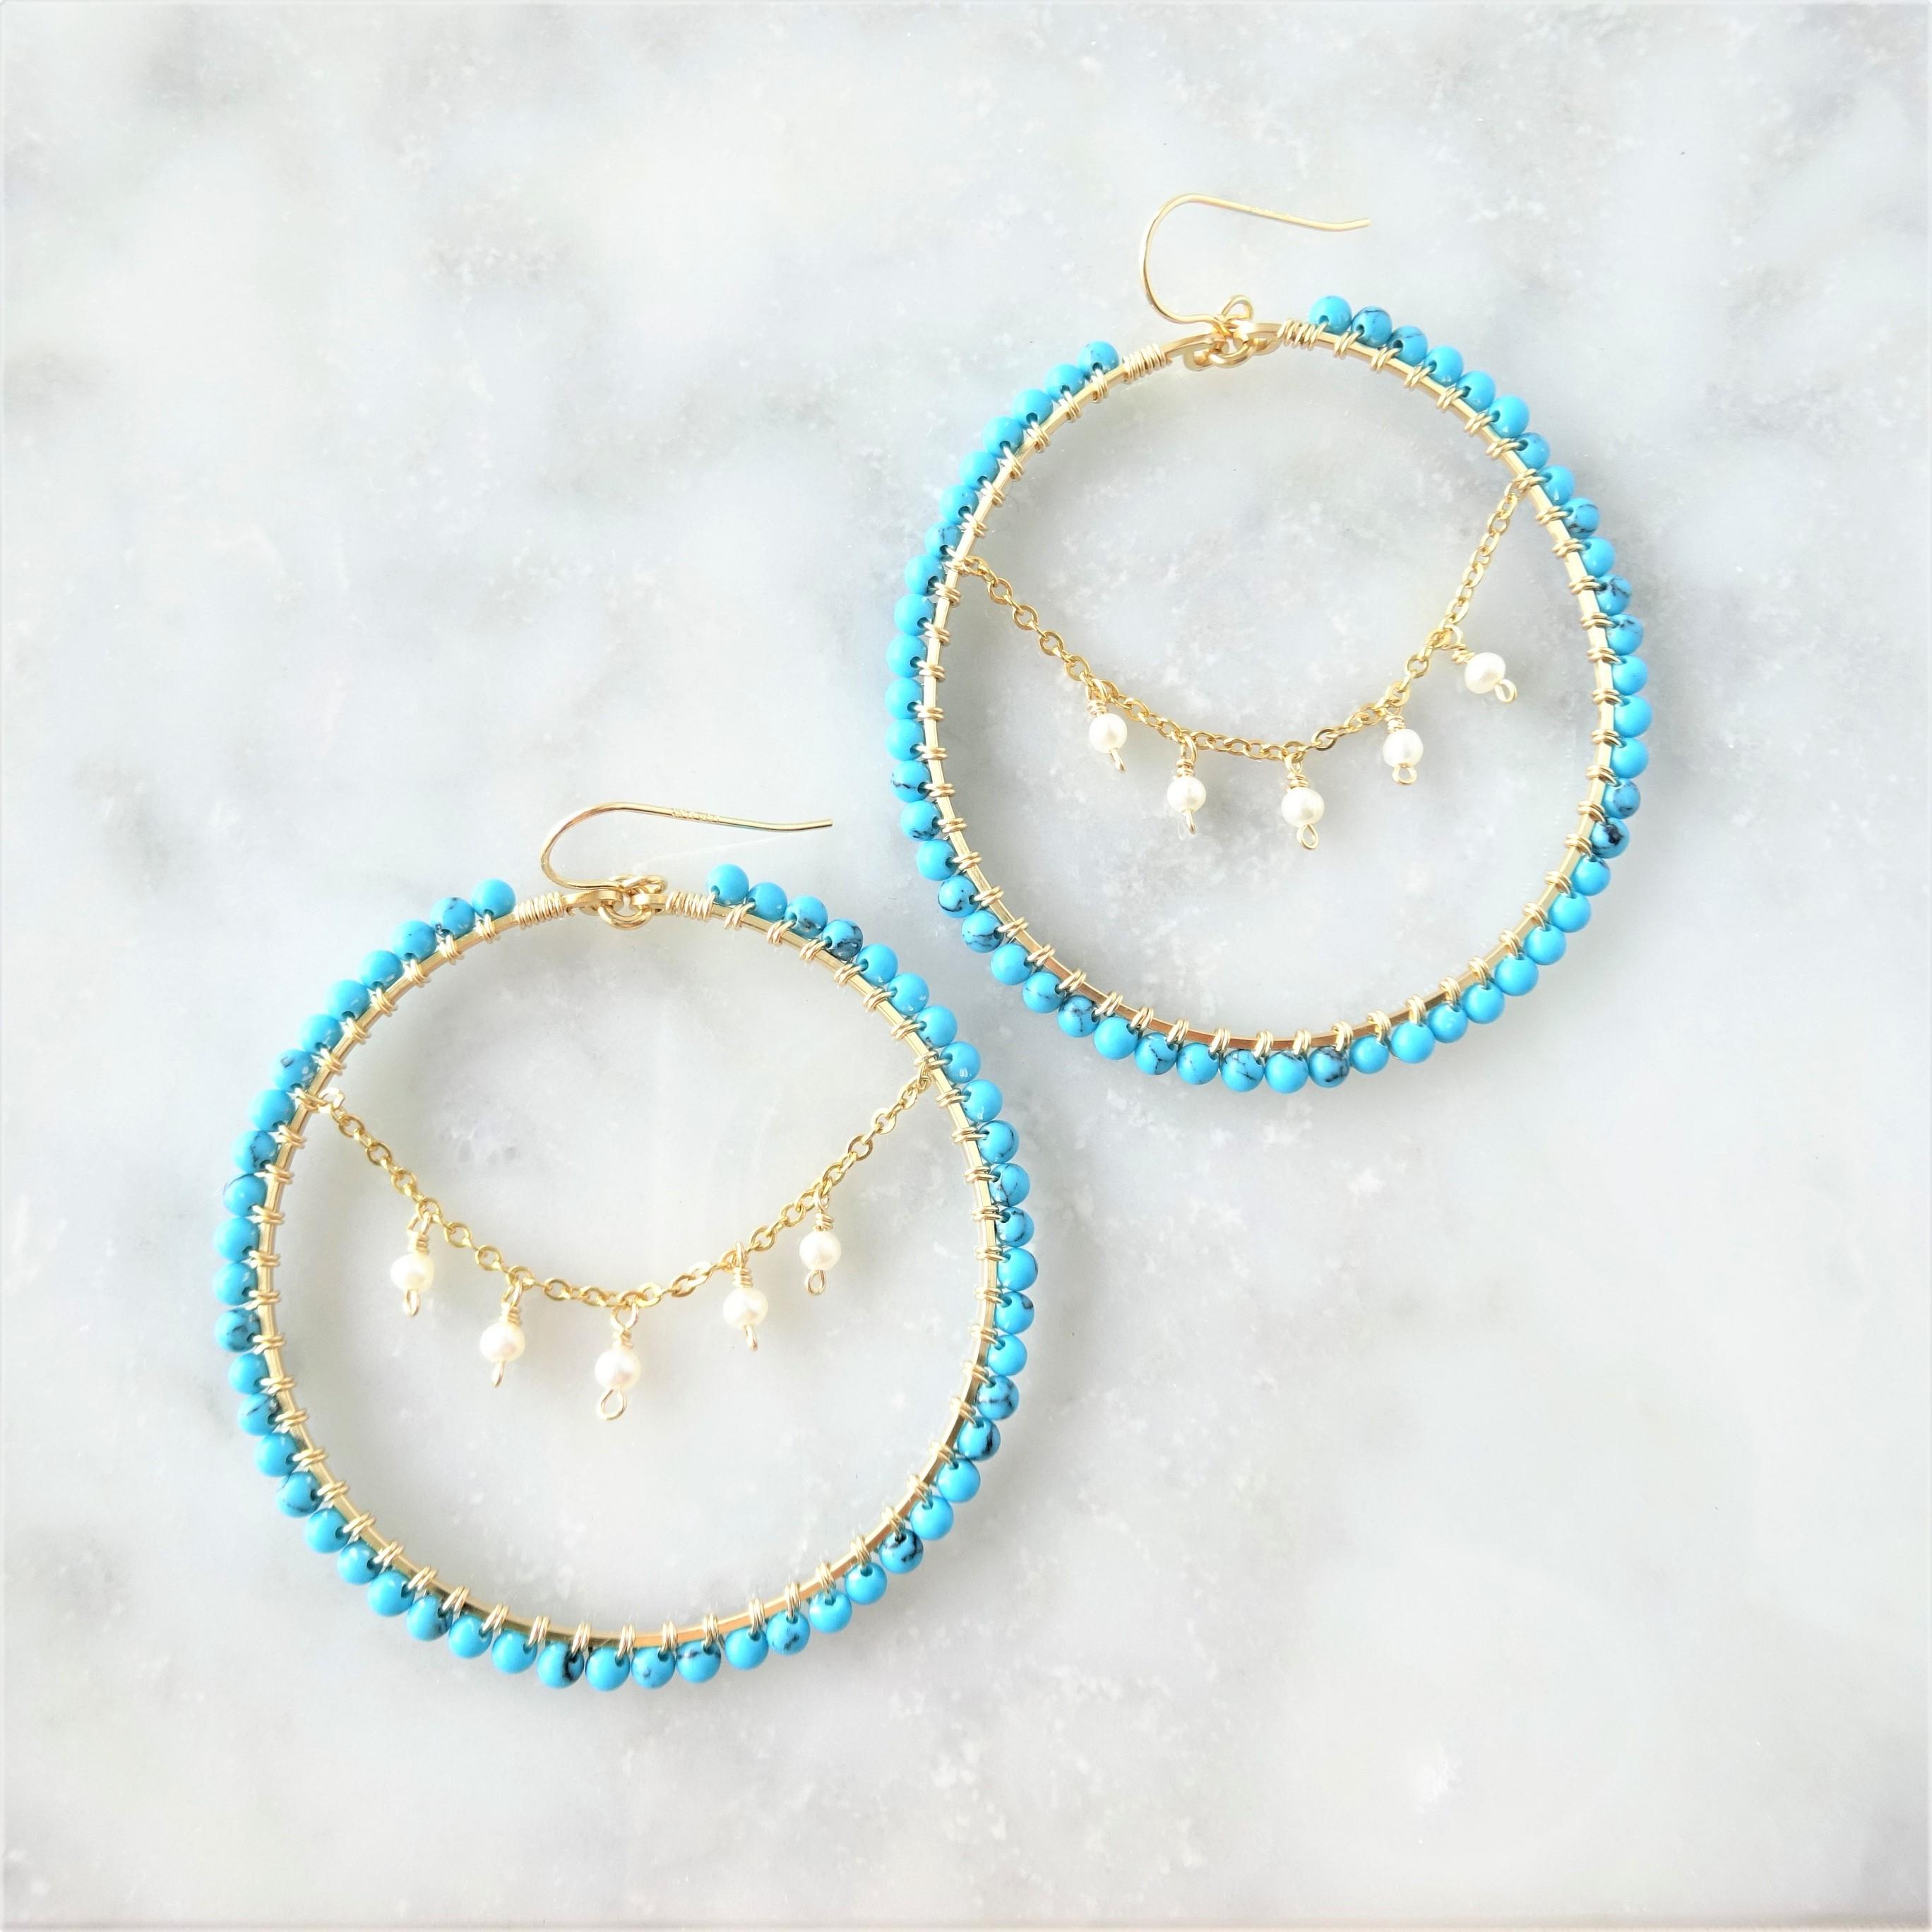 送料無料14kgf Turquoise*freshwater pearl chandelier wrapped pierce / earring